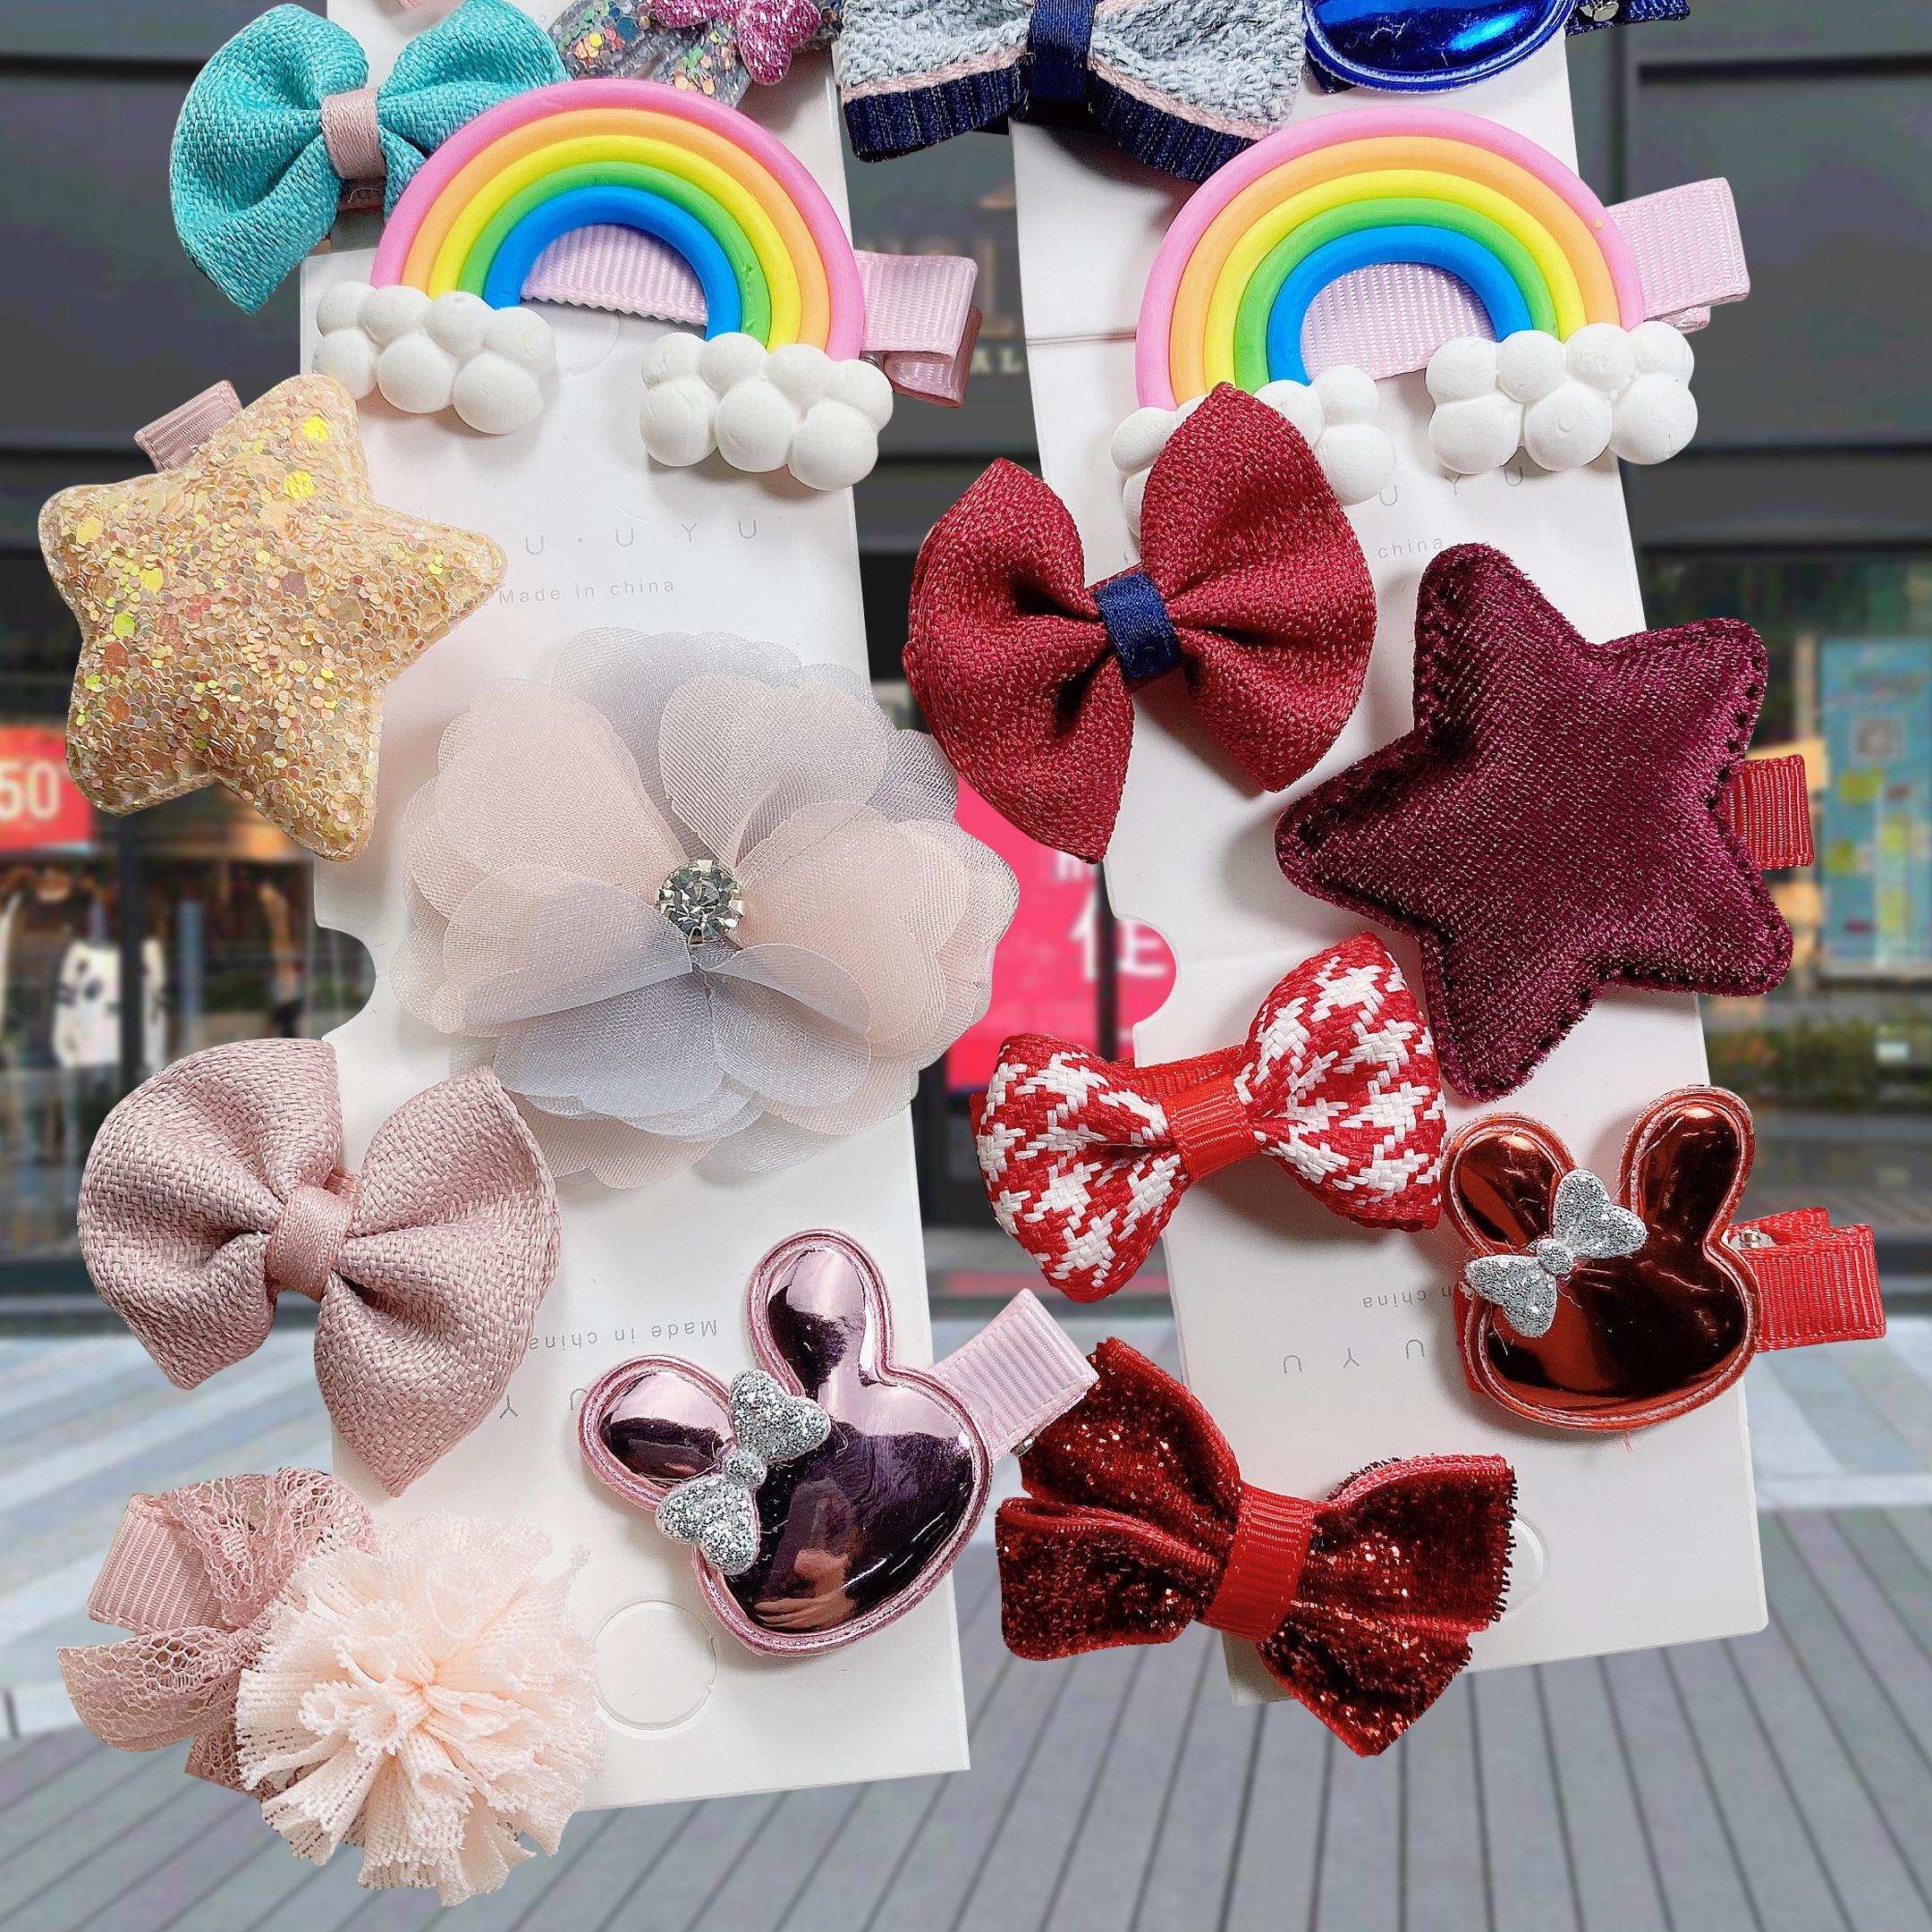 2020 New 6PCS/Set Girls Cute Cartoon Hair Clips Barrettes Kids Hairpins Bow Flower Headwear Girls Fashion Hair Accessories